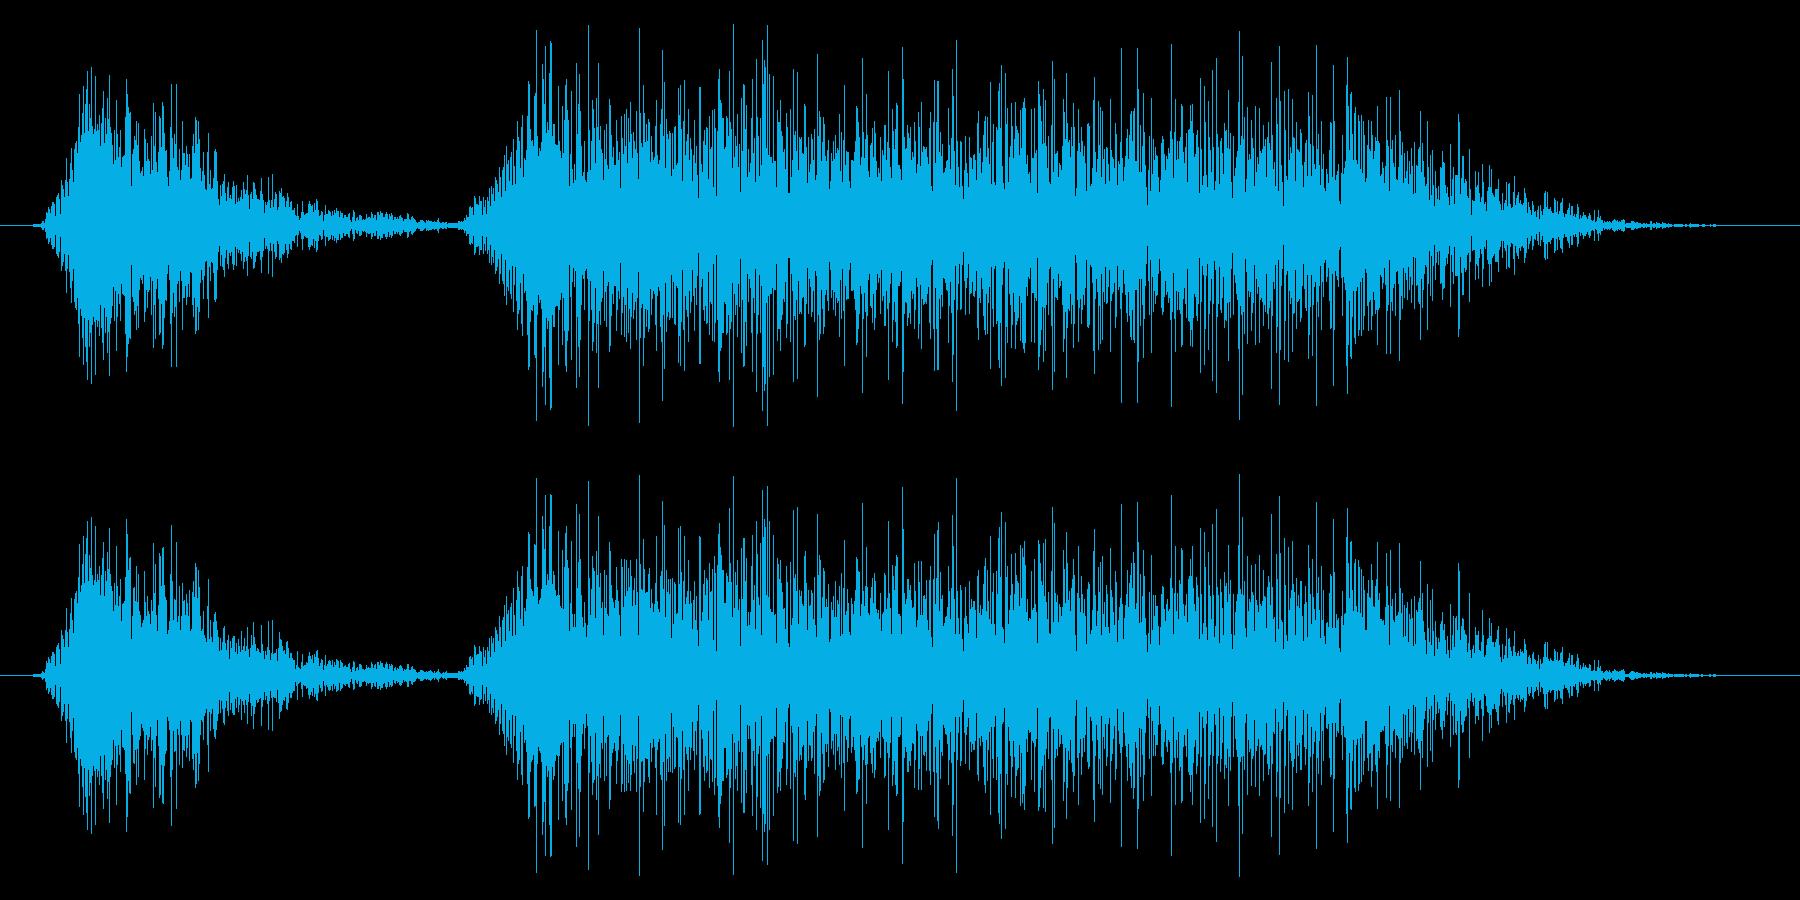 ドラゴン モンスター ゲーム スキルの再生済みの波形